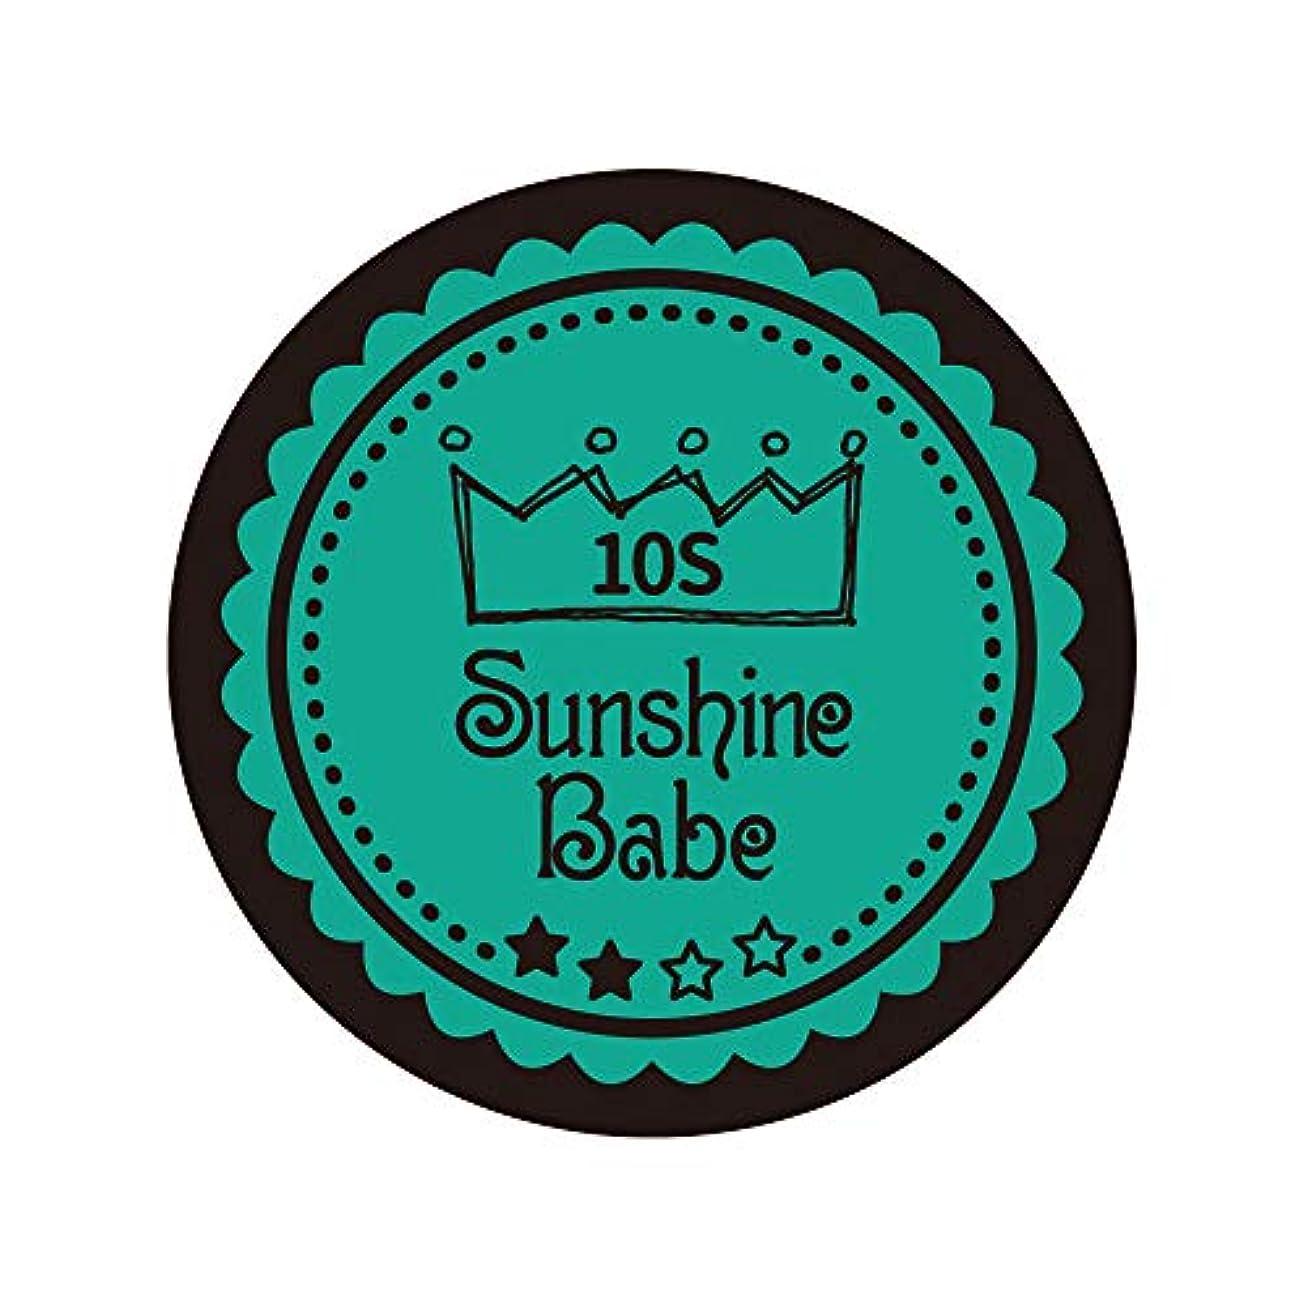 矢印トランクライブラリグラスSunshine Babe カラージェル 10S アルカディア 2.7g UV/LED対応